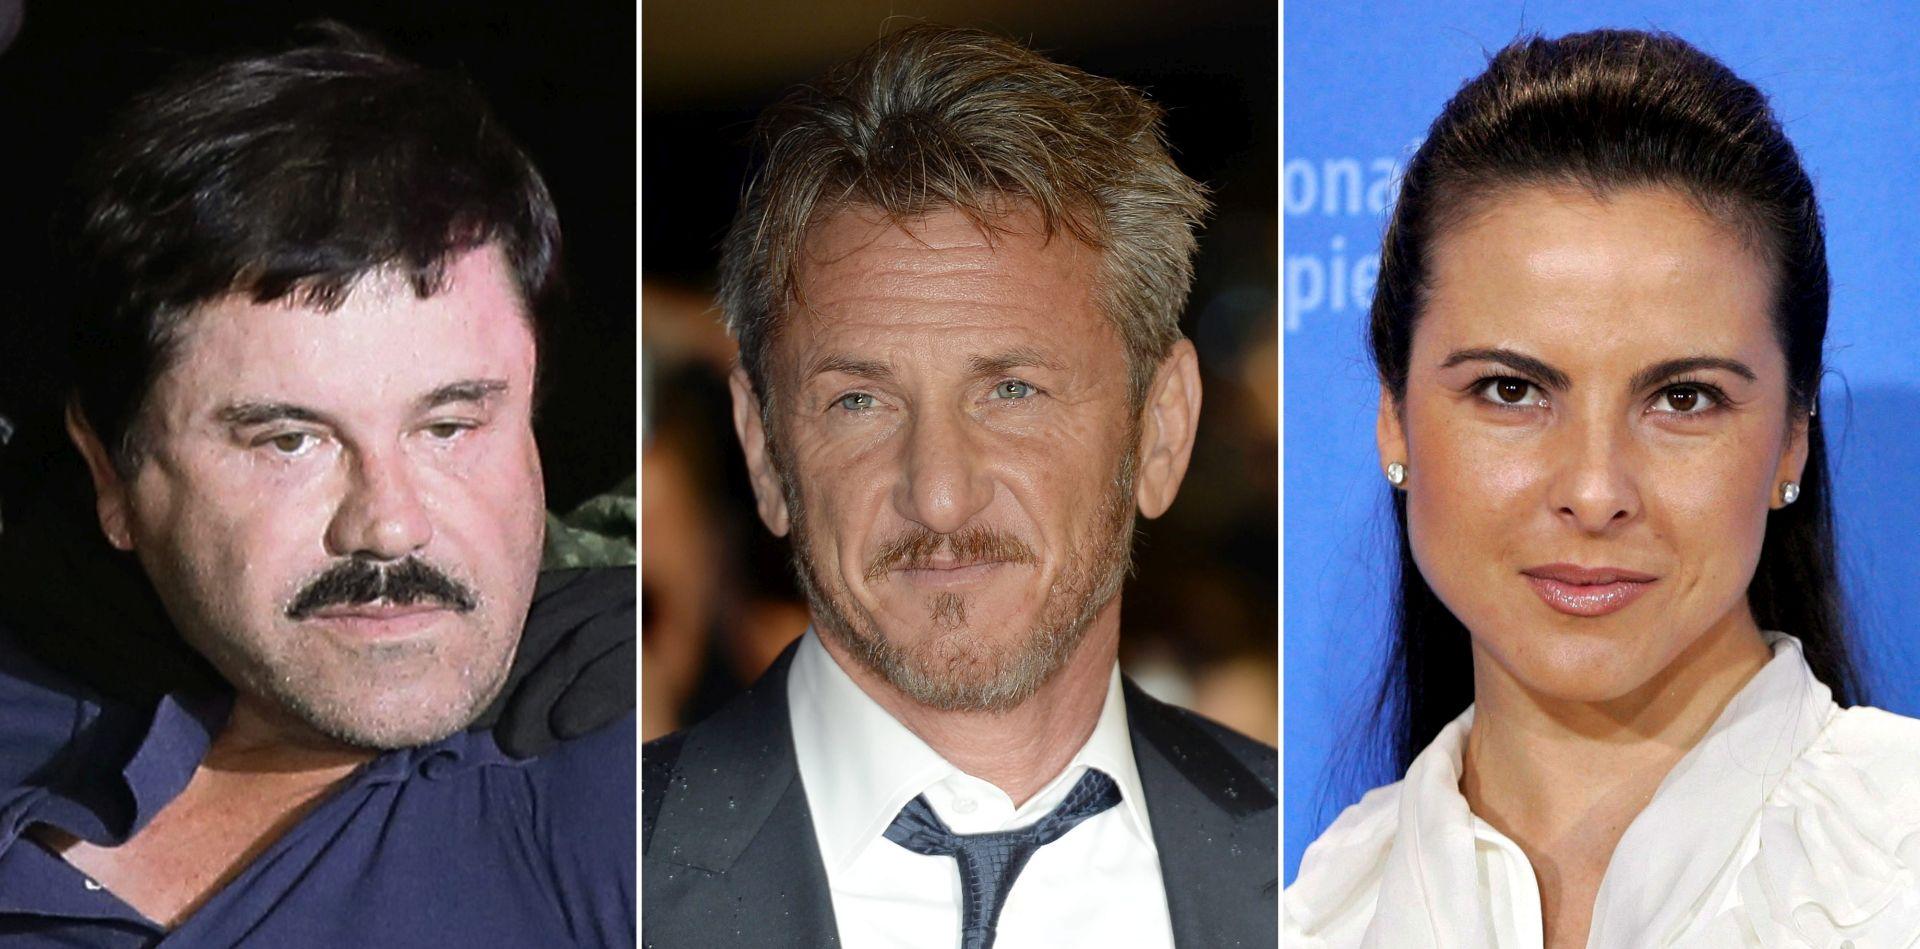 INTERVJU S NARKOBOSOM Sean Penn: Ne žalim za ničim i ništa ne skrivam